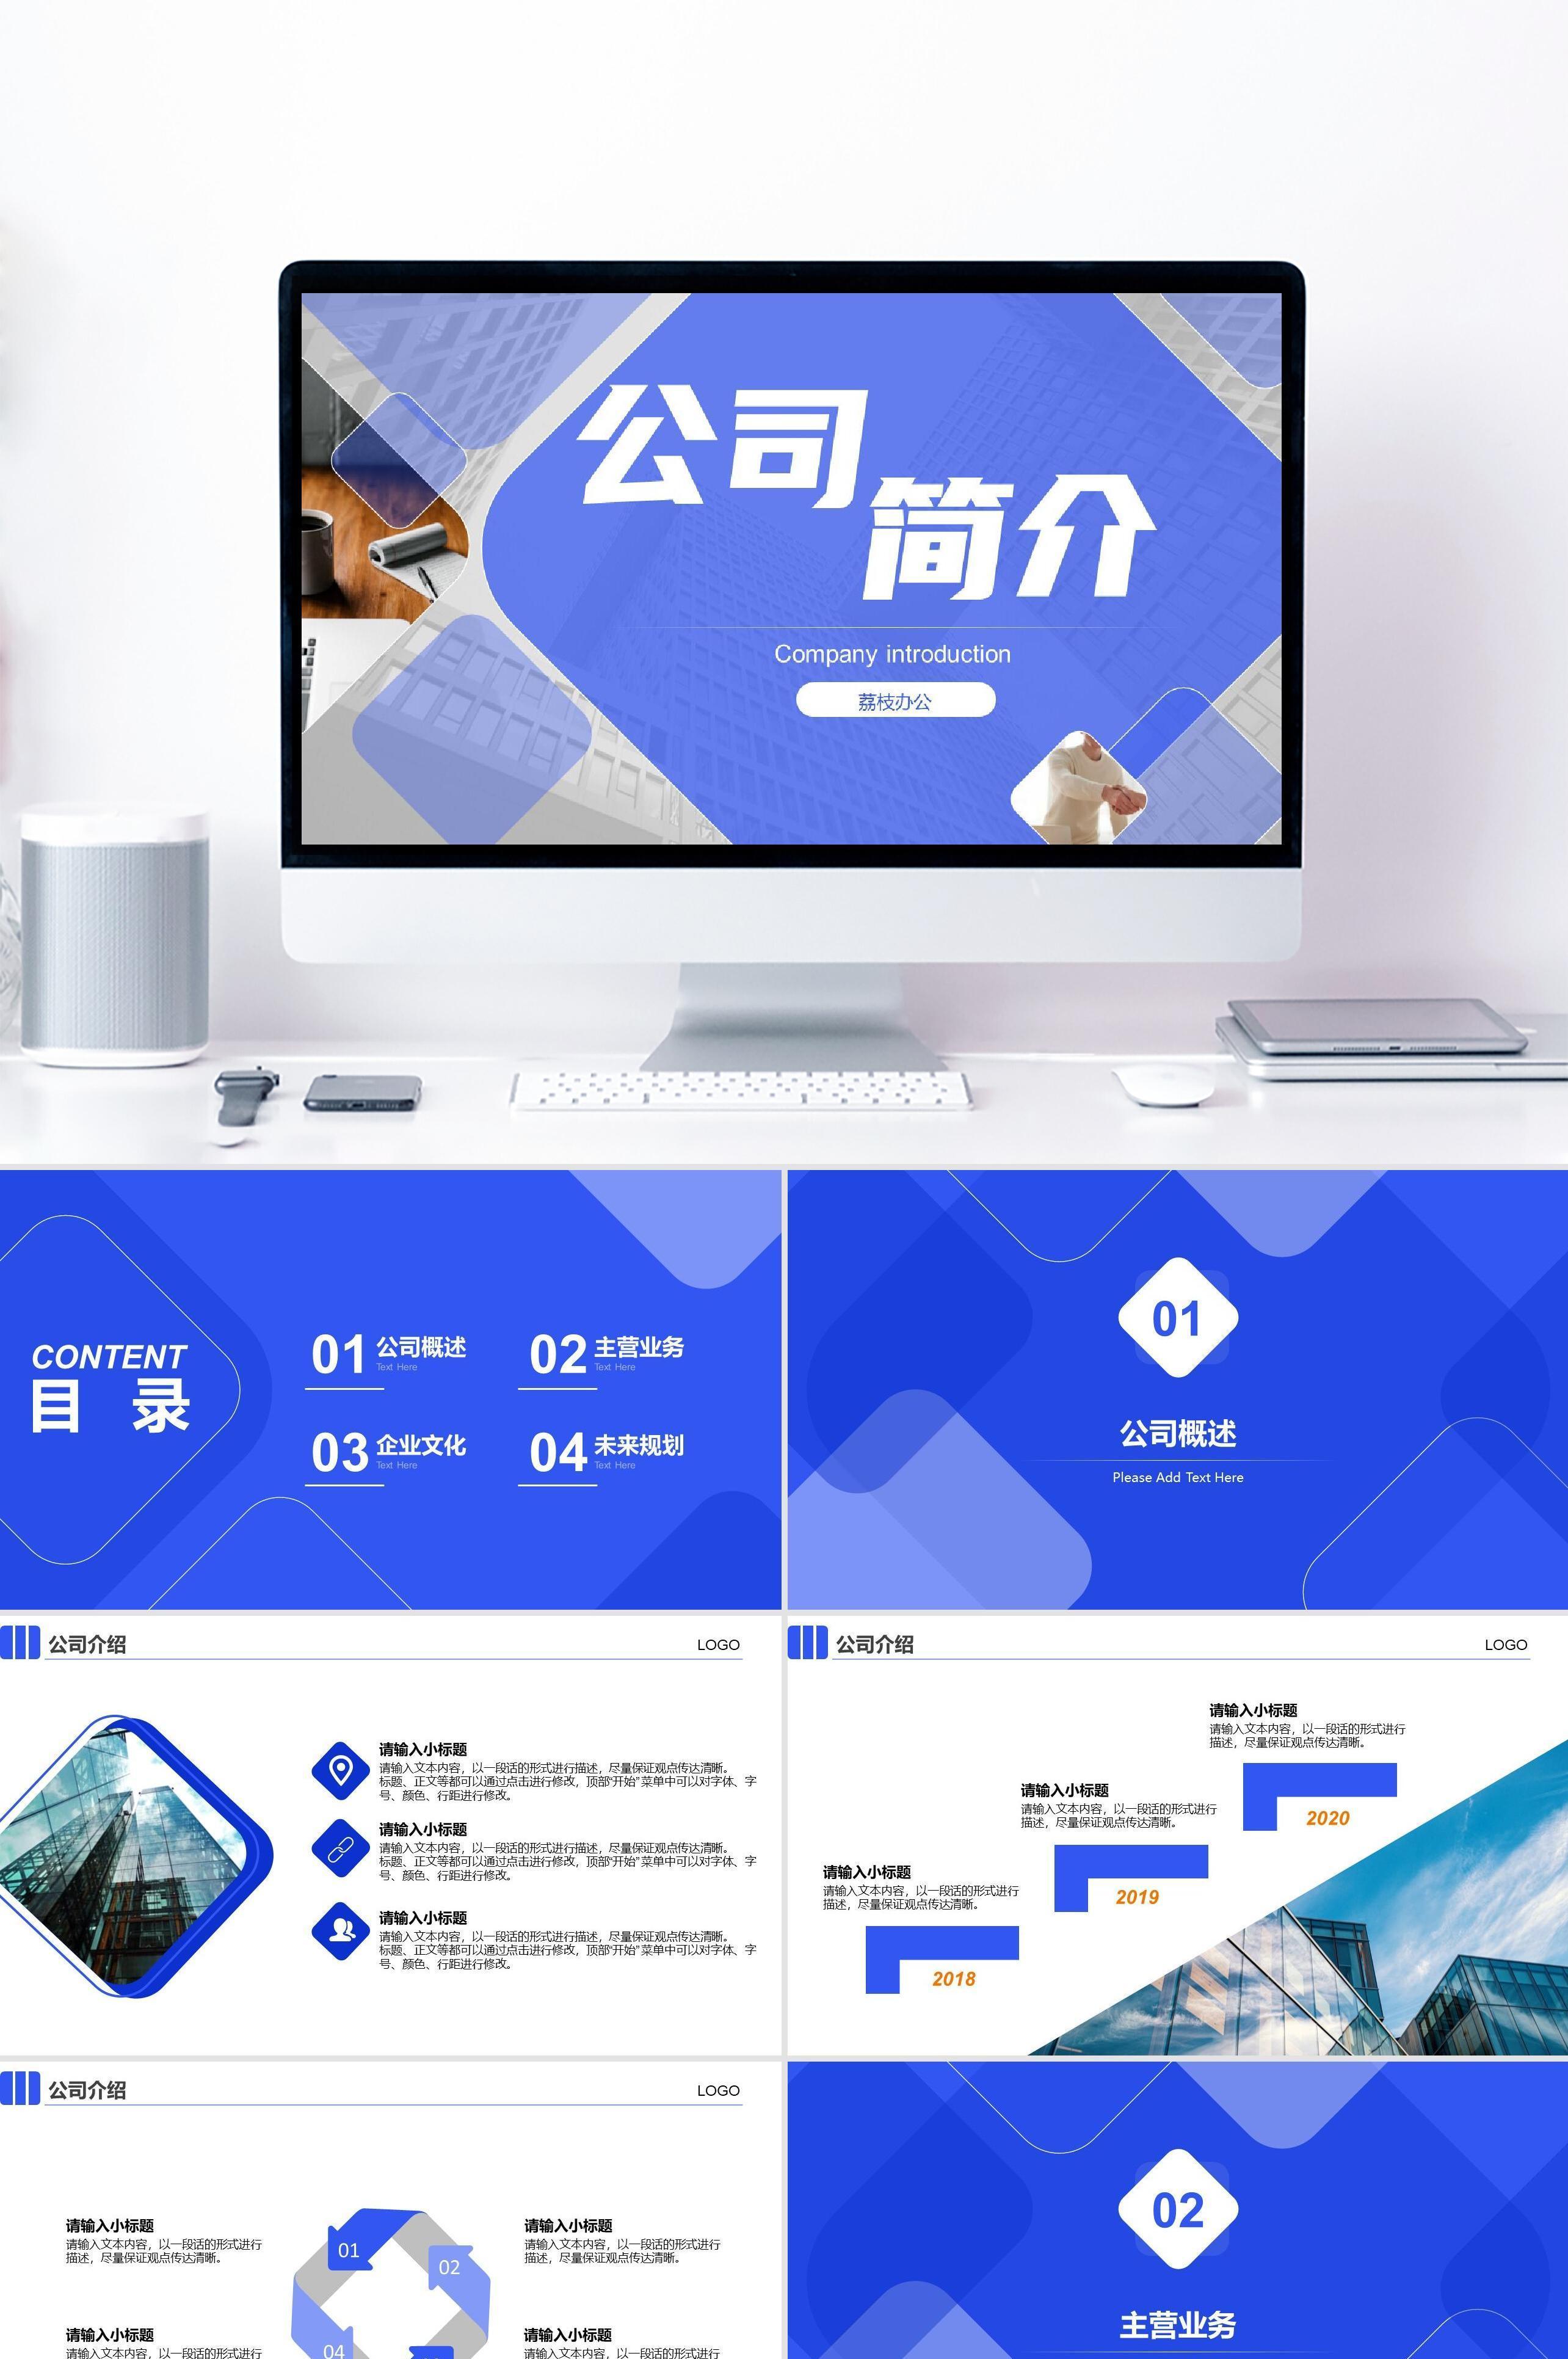 蓝色精致扁平简约商务公司介绍PPT模板